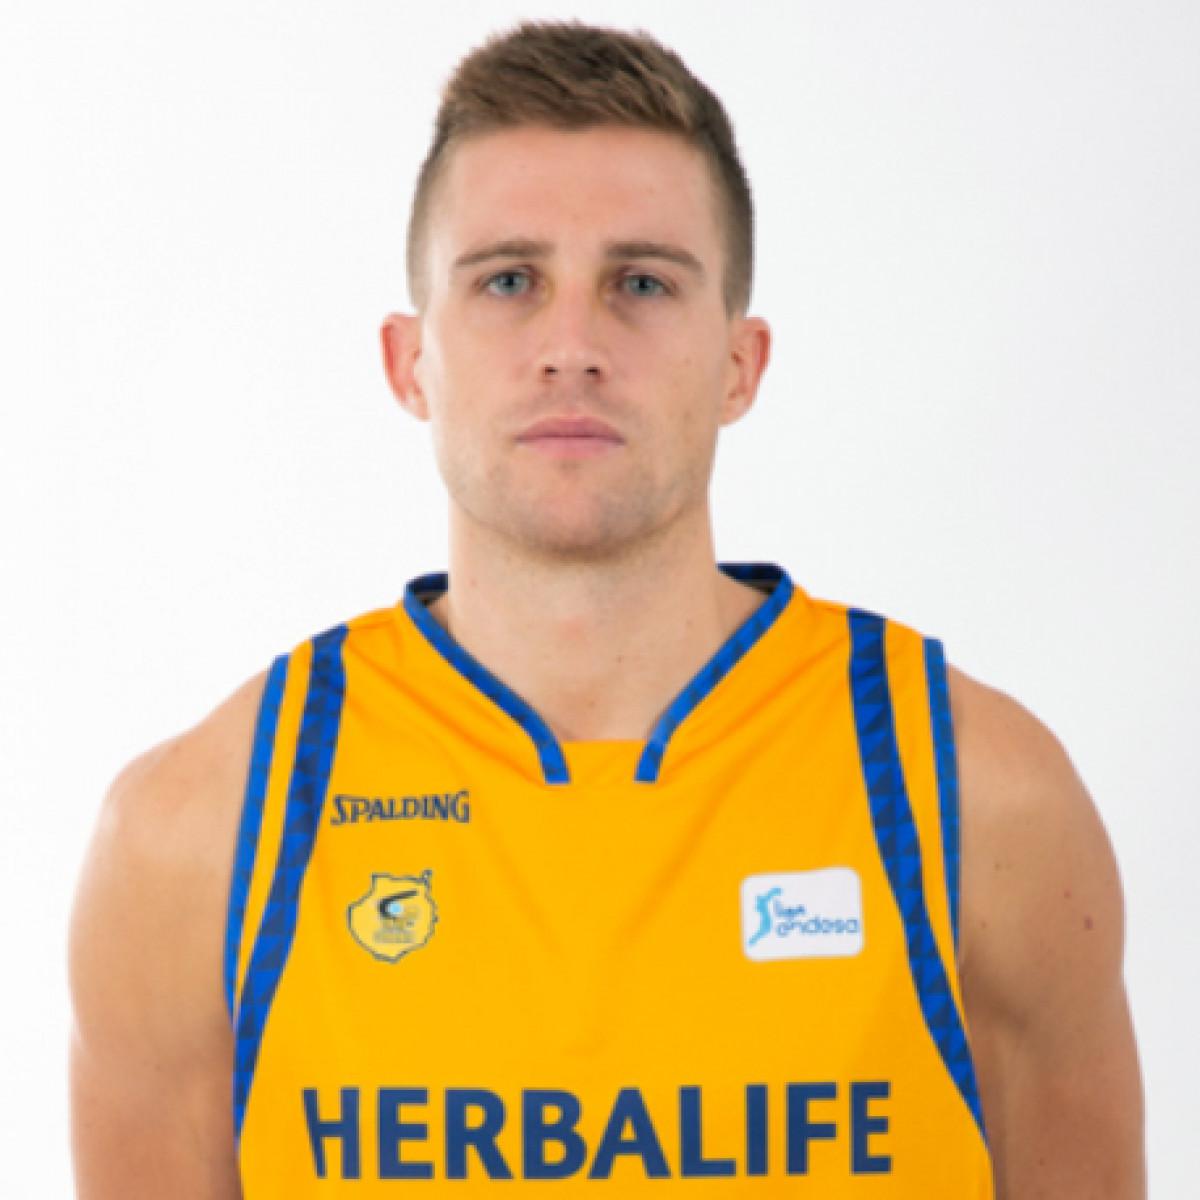 Photo of Xavier Rabaseda, 2018-2019 season